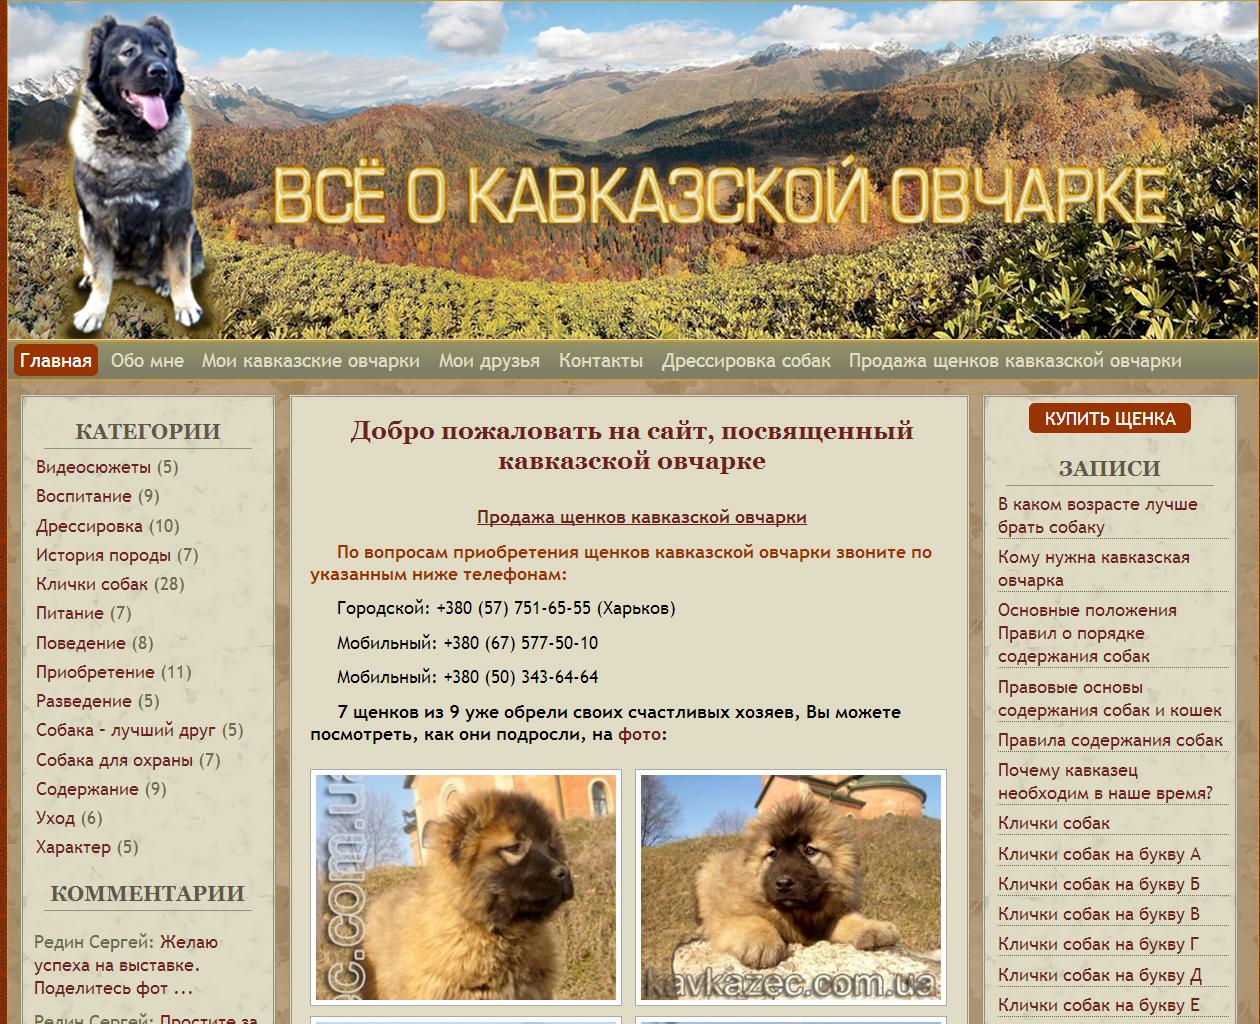 Создание сайта для владельца кавказских овчарок - kavkazec.com.ua